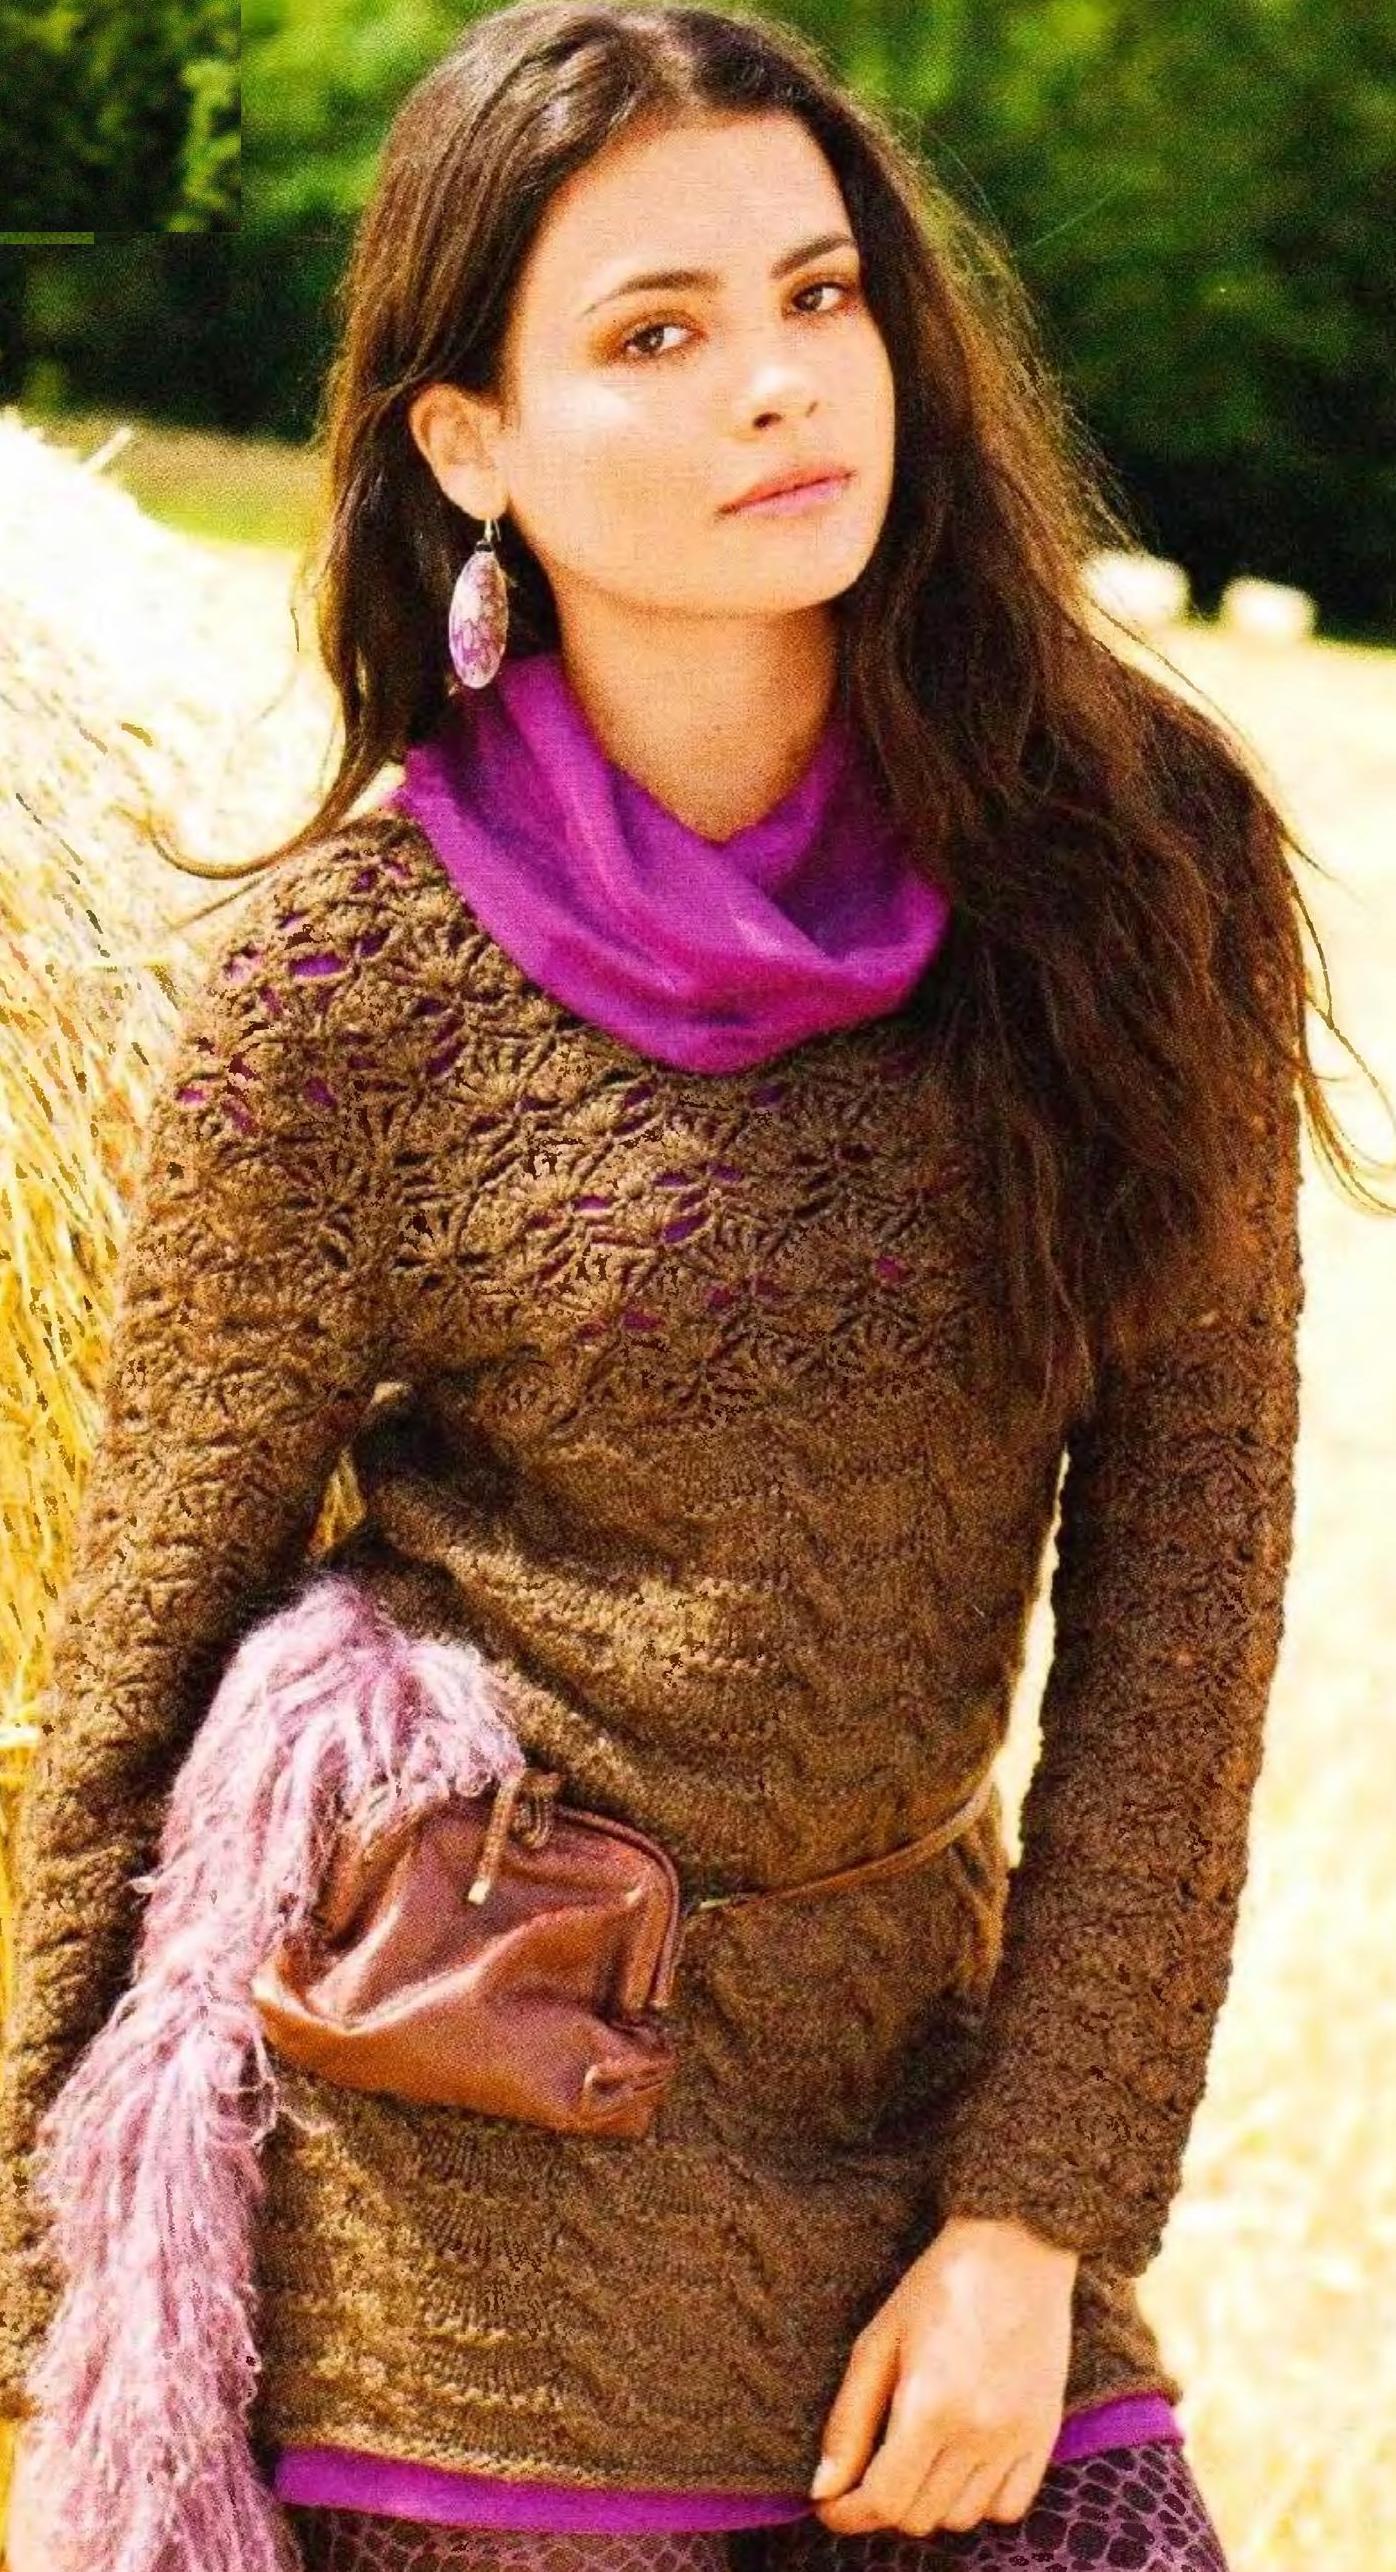 Пуловер вязаный спицами с ажурной кокеткой вязаной крючком